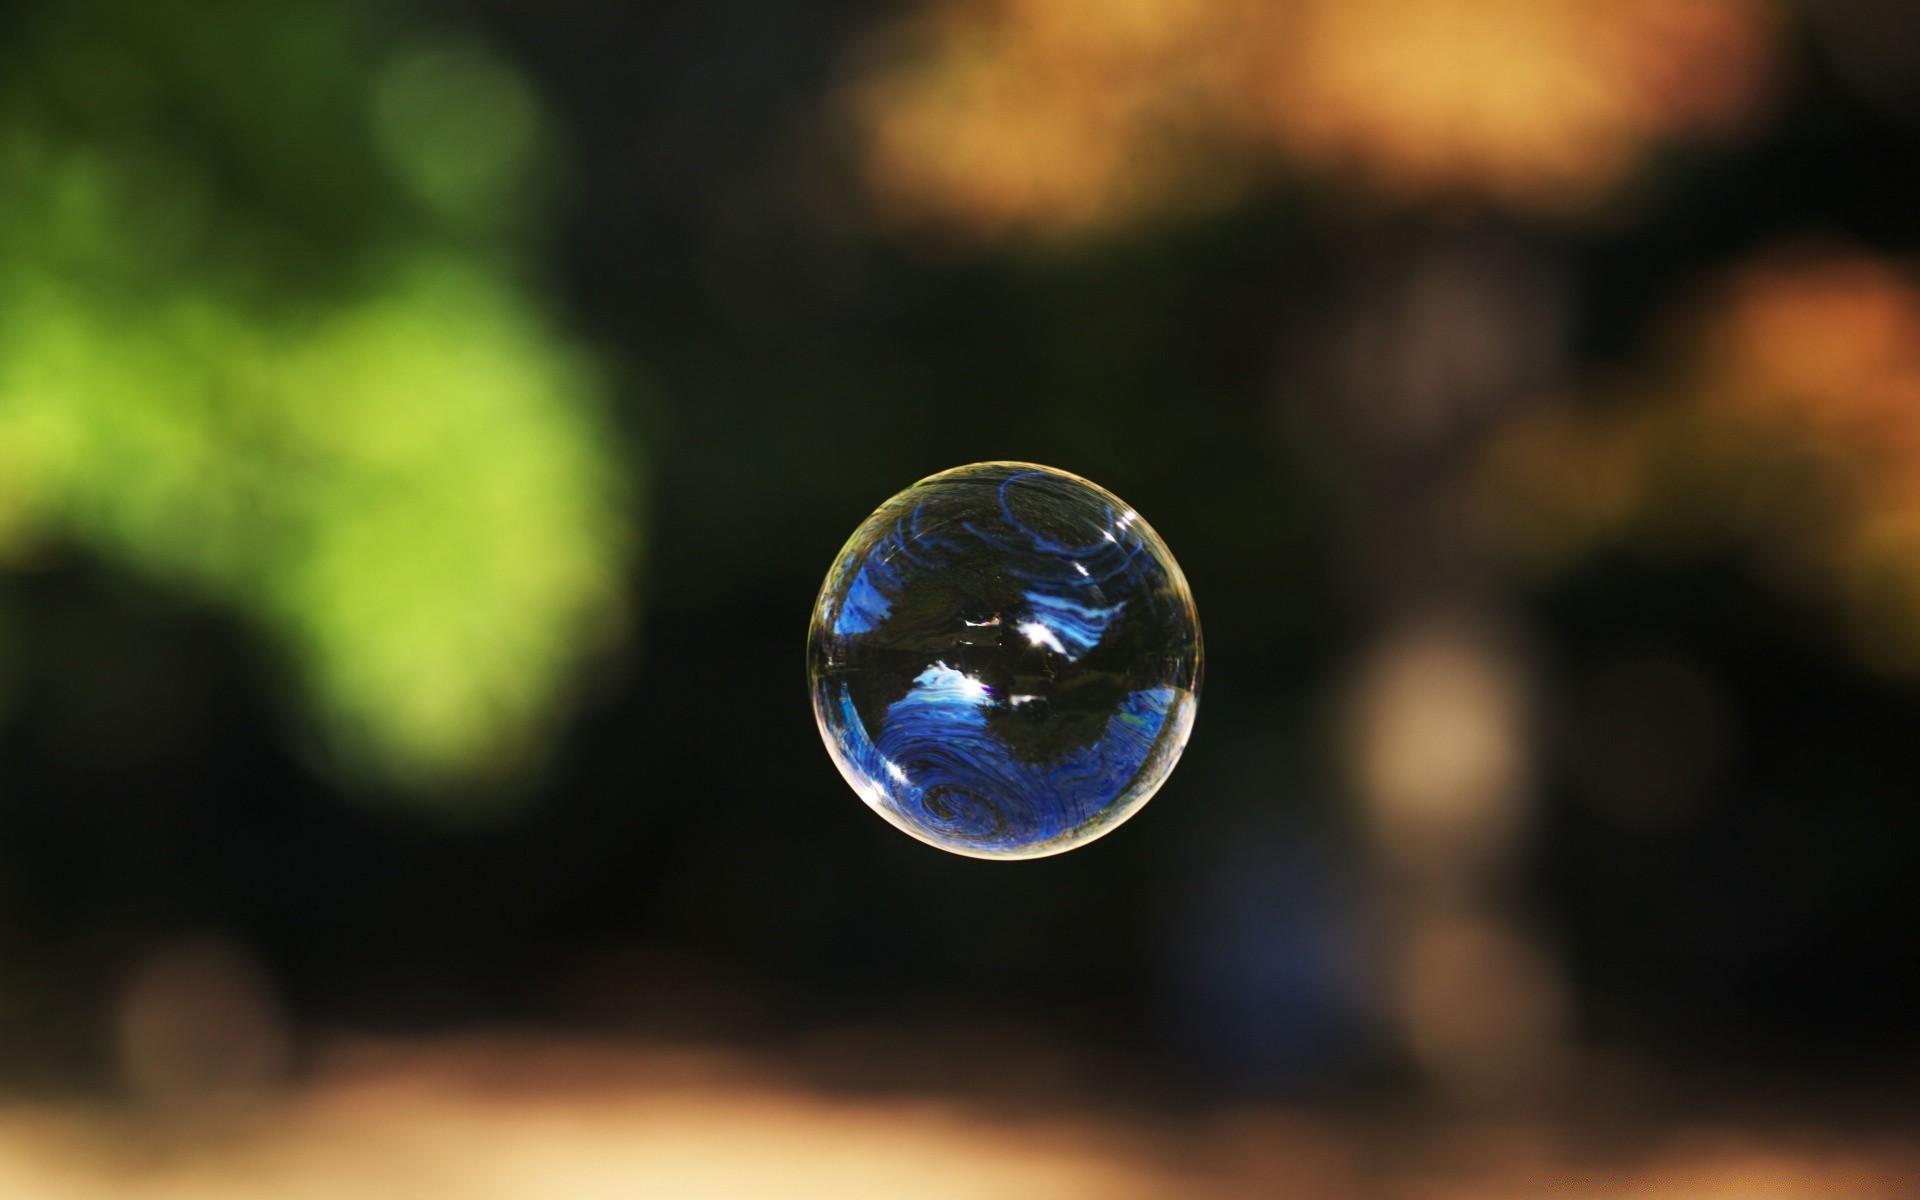 Юбилей, картинки мыльные пузыри на рабочий стол гиф